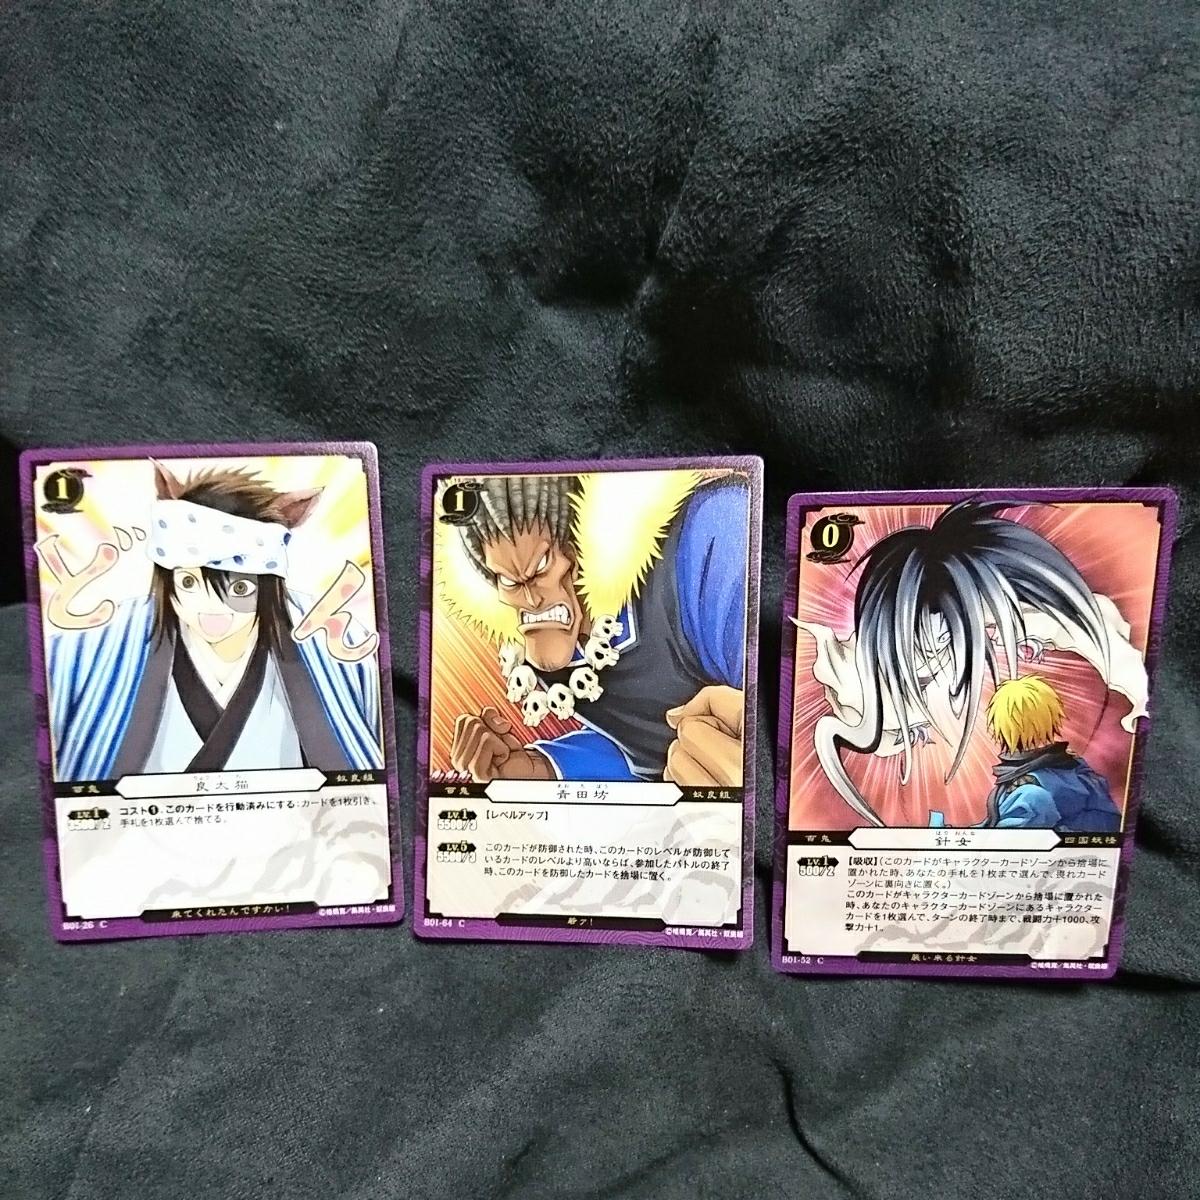 ぬらりひょんの孫 TCG トレーディングカードゲーム 3枚 良太猫、青田坊、針女_画像1